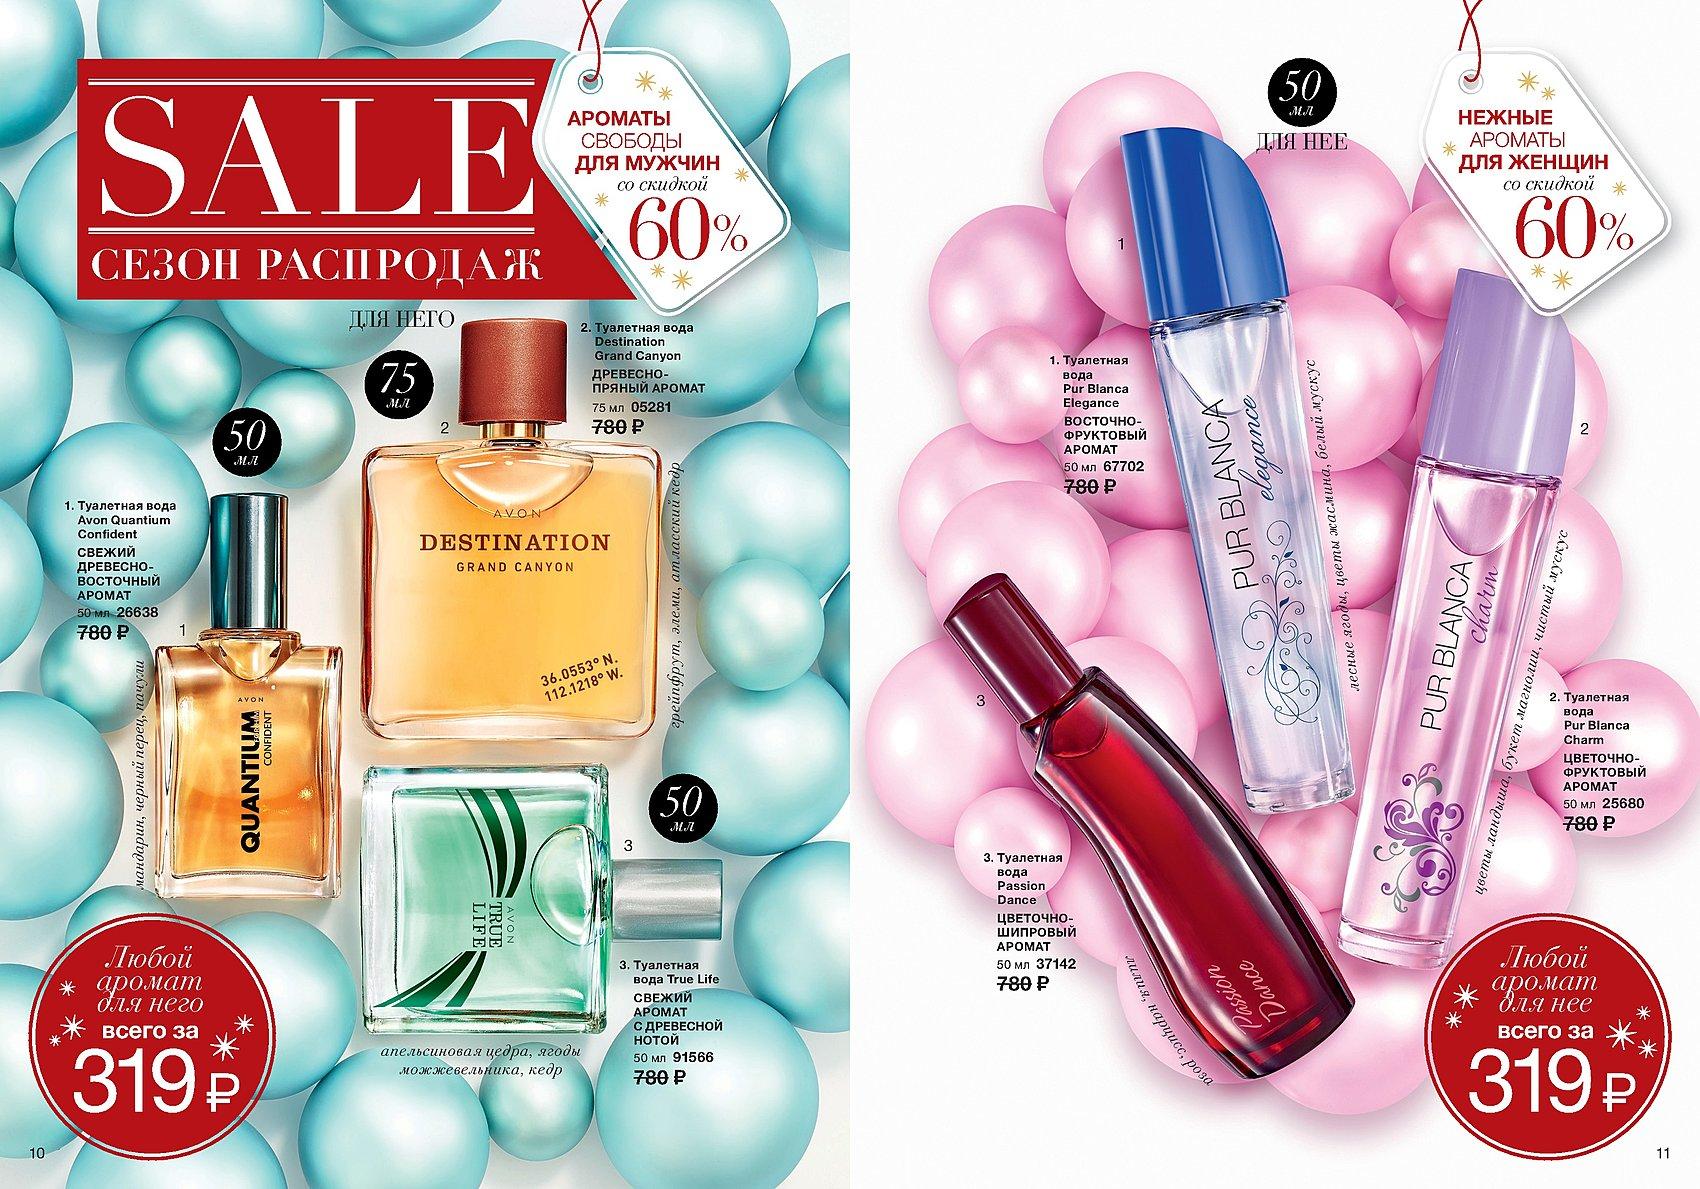 Avon каталог заказать i купить оптом косметику в таиланде